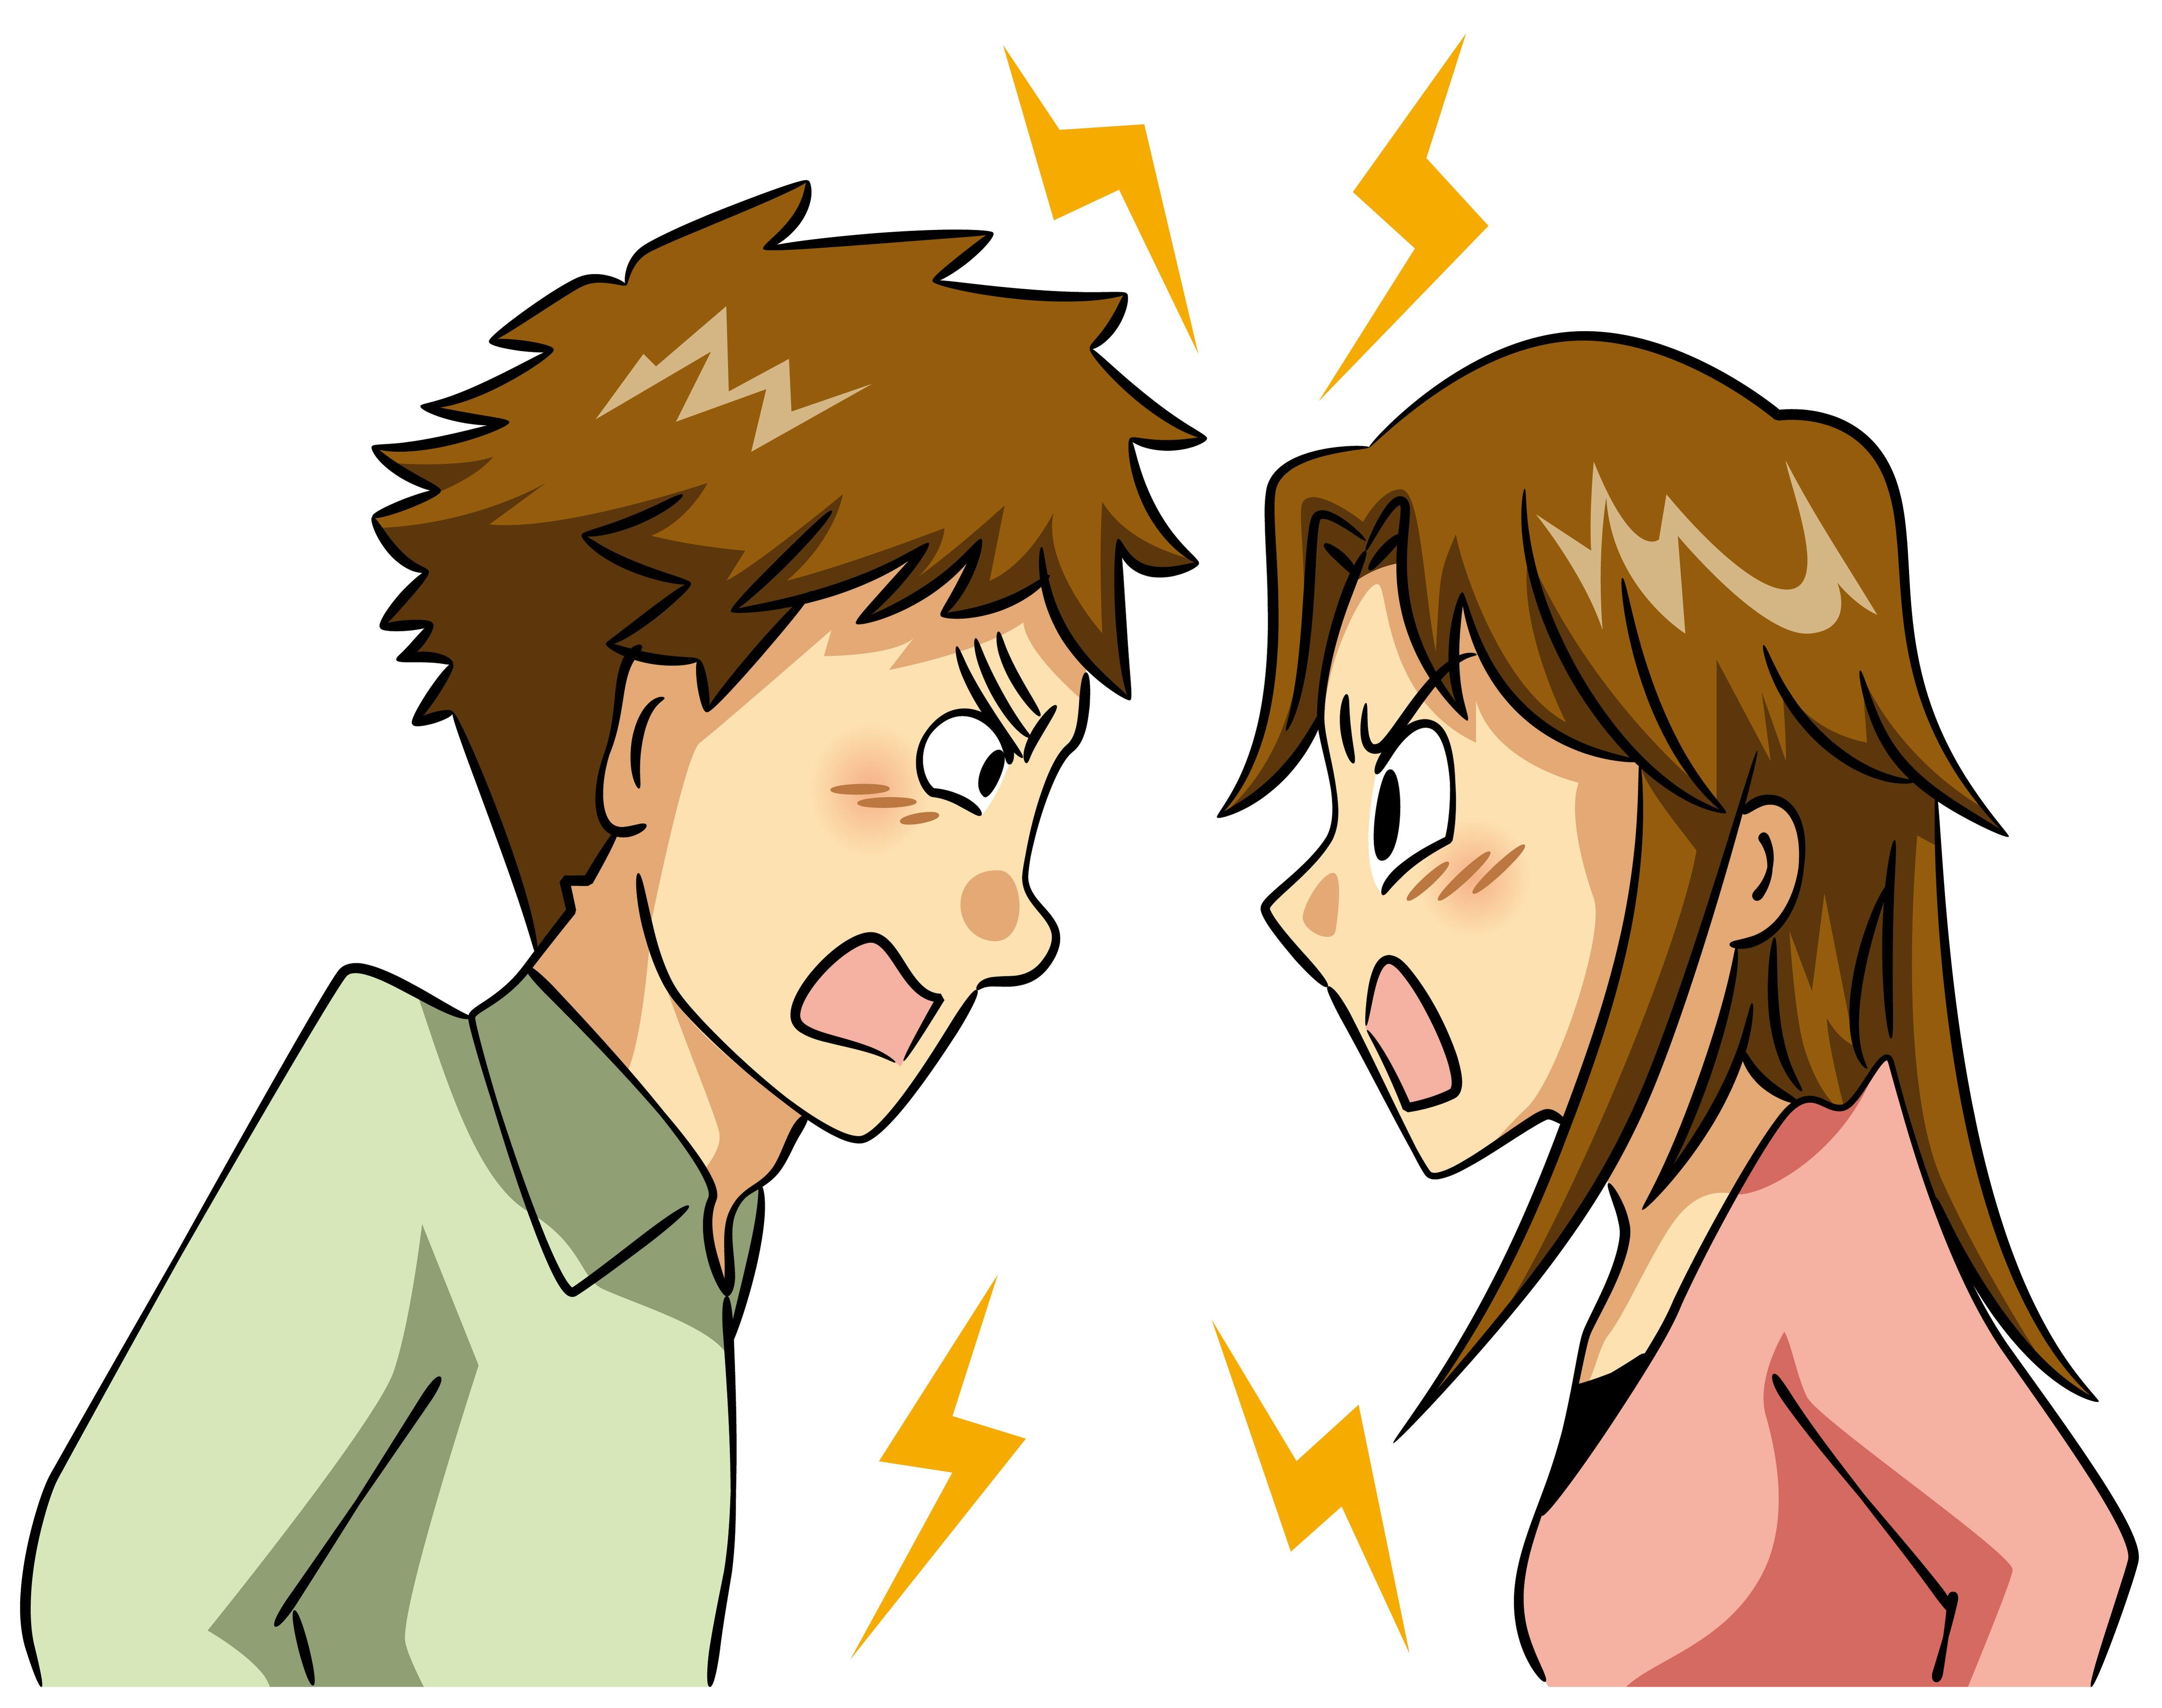 男女の性差がわからないと・・・【夫婦修復のヒント】